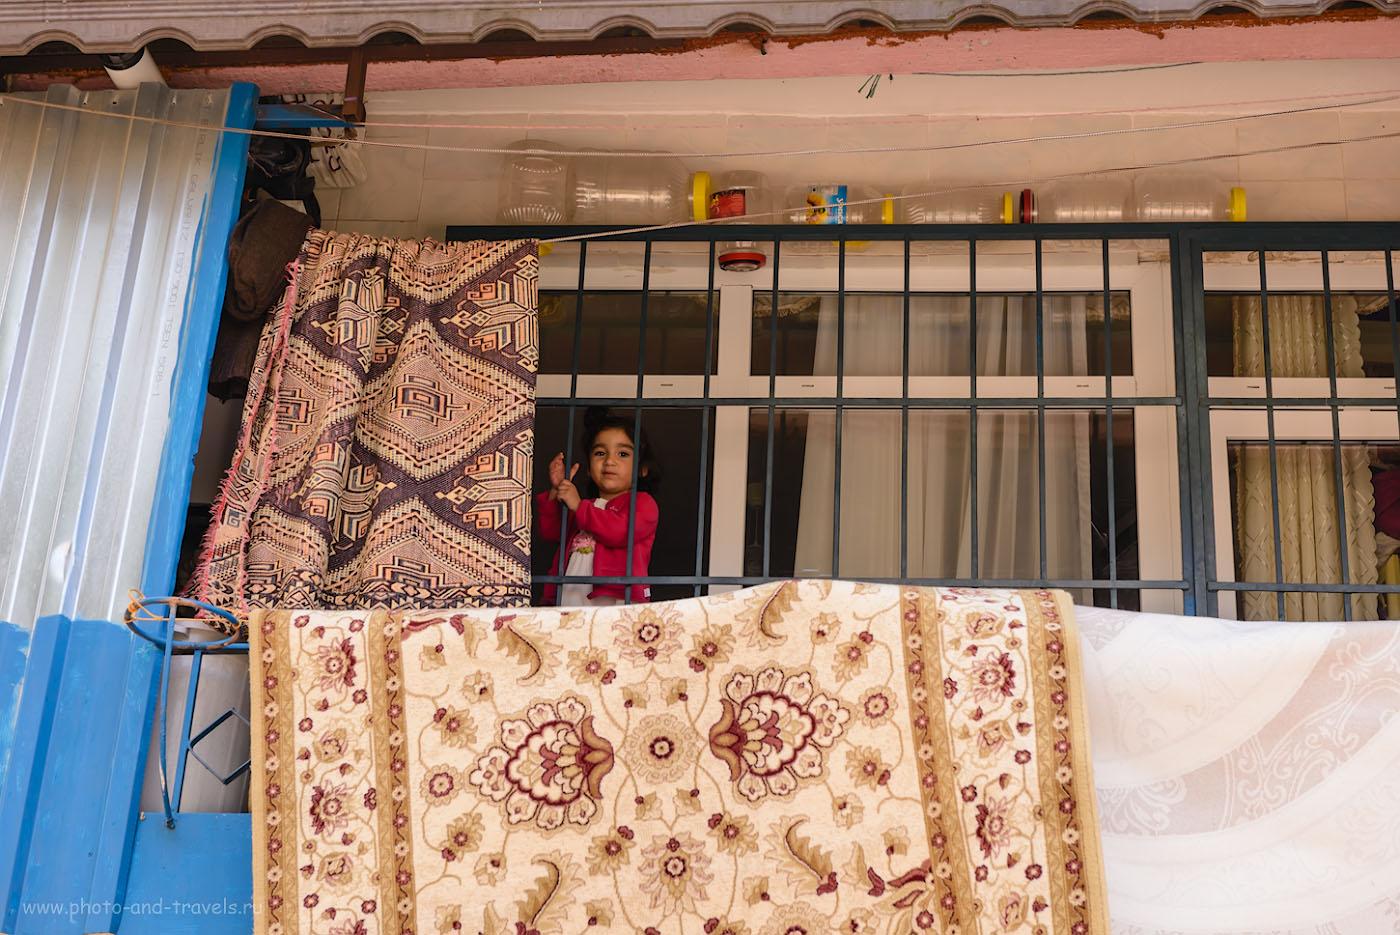 Фотография 11. Жительница Стамбула. Отзывы туристов о поезде в Турцию самостоятельно. 1/125, 8.0, 200, 70.